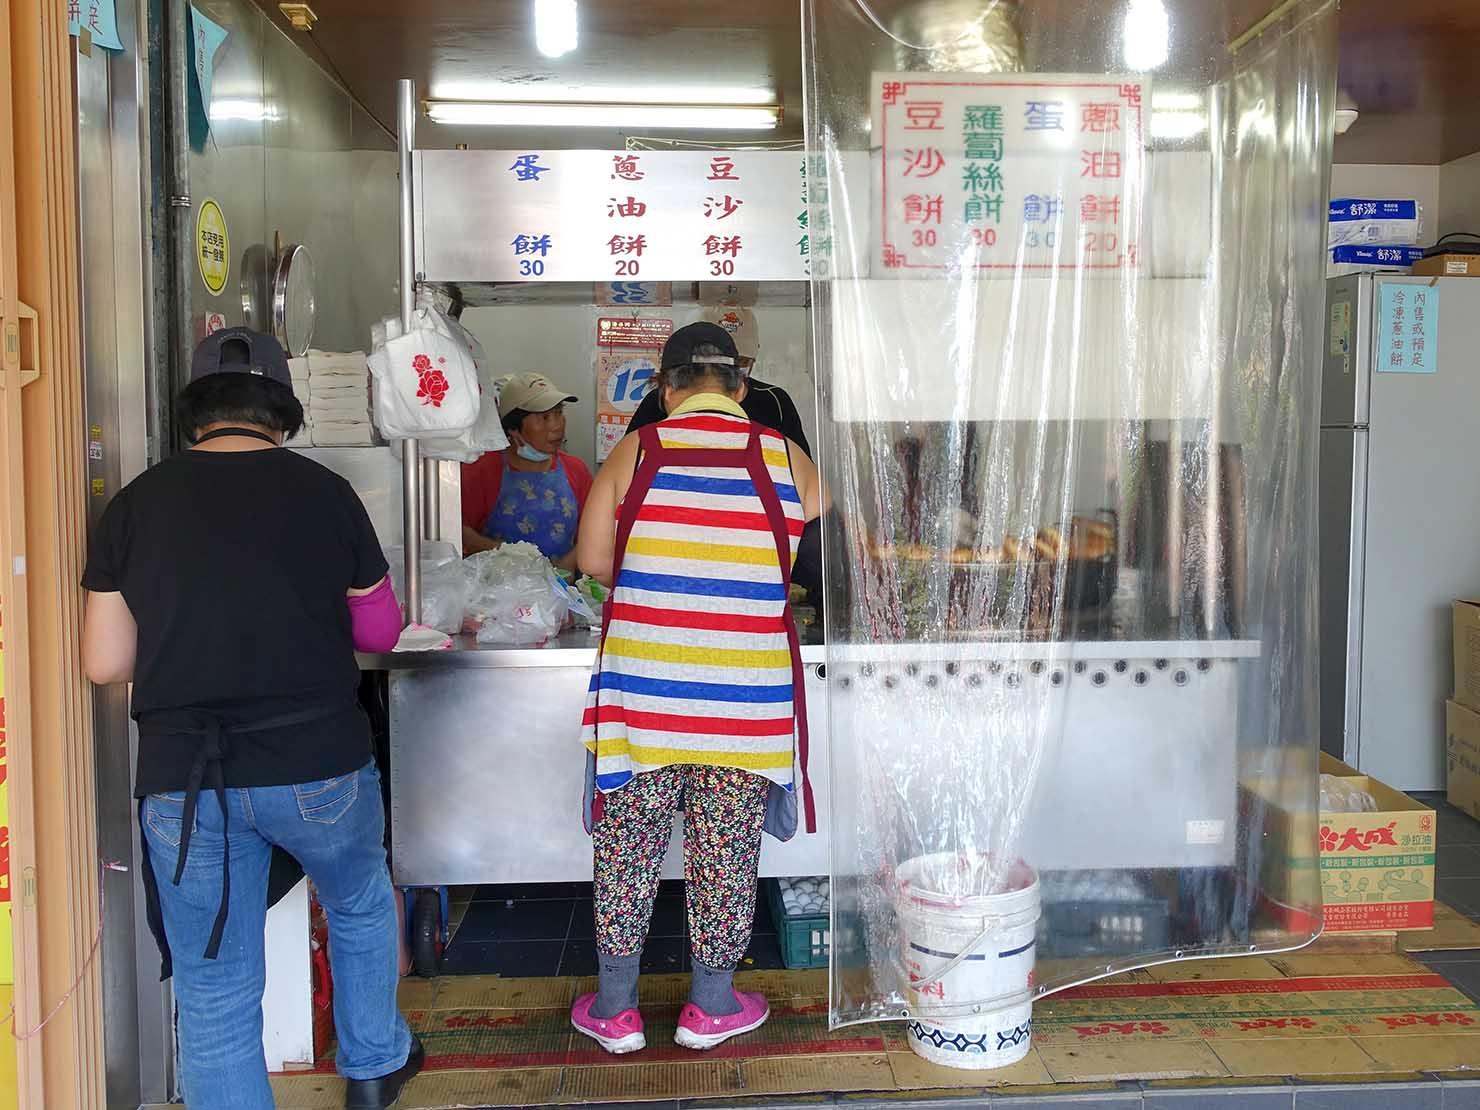 台北・師大夜市のおすすめ台湾グルメ店「溫州街蘿蔔絲餅達人」のカウンター